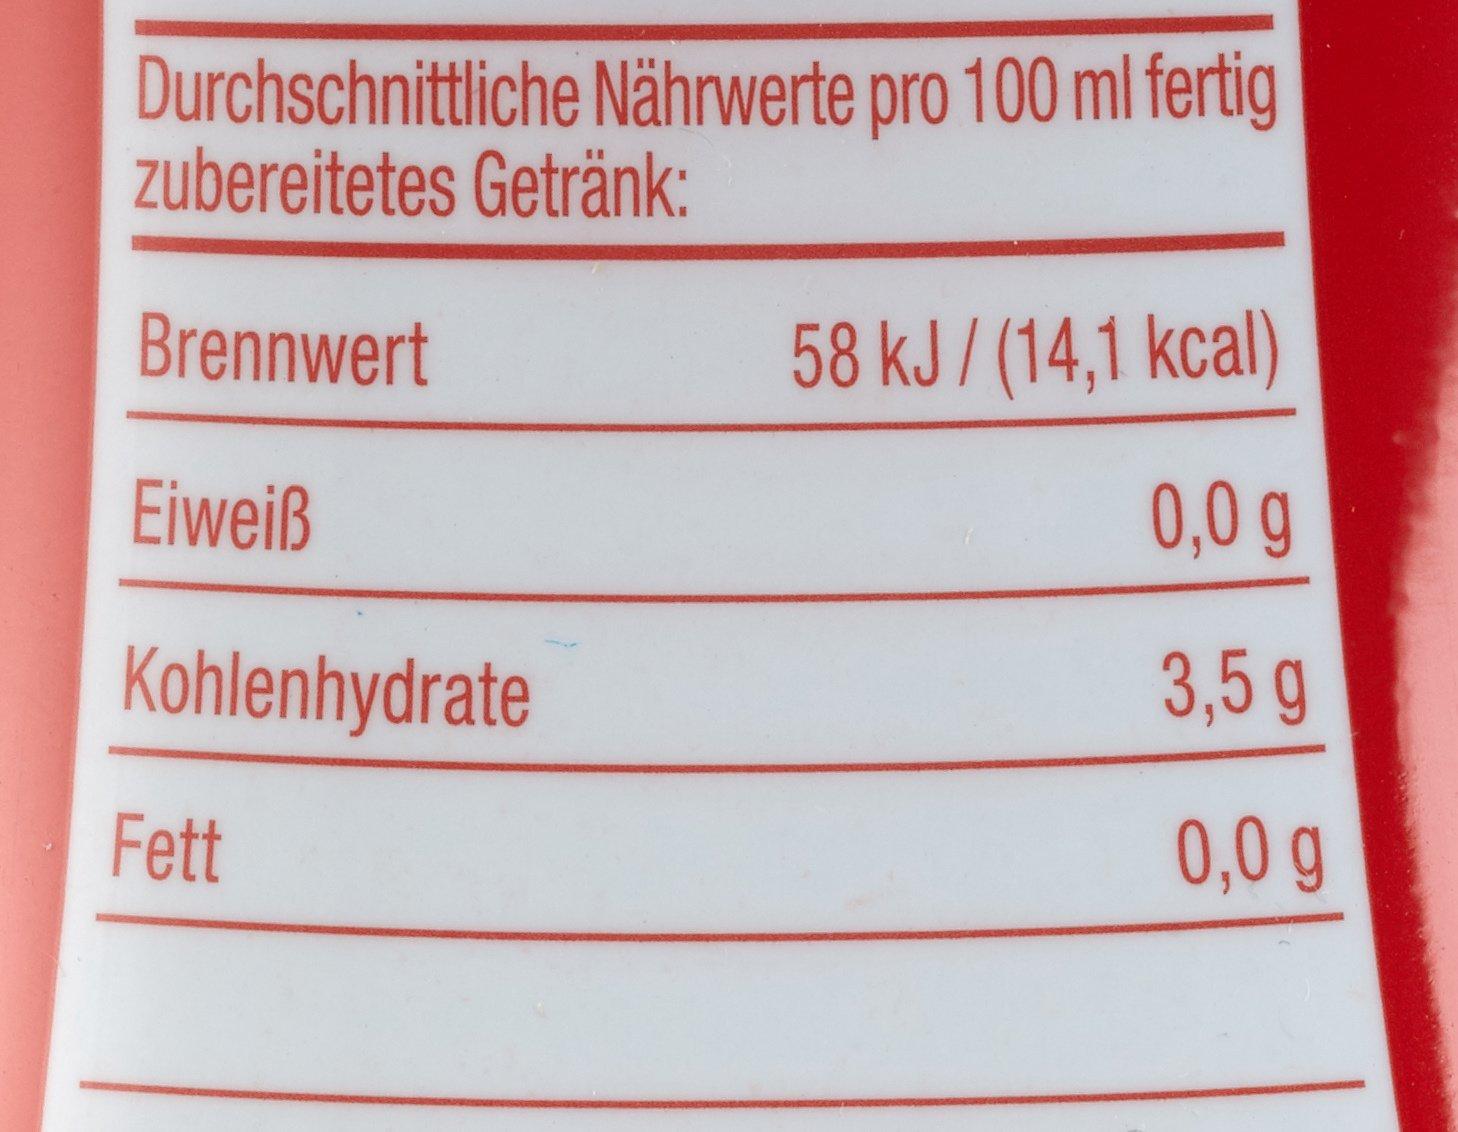 Ziemlich Getränke Best Bad Soden Bilder - Schönes Wohnungideen ...